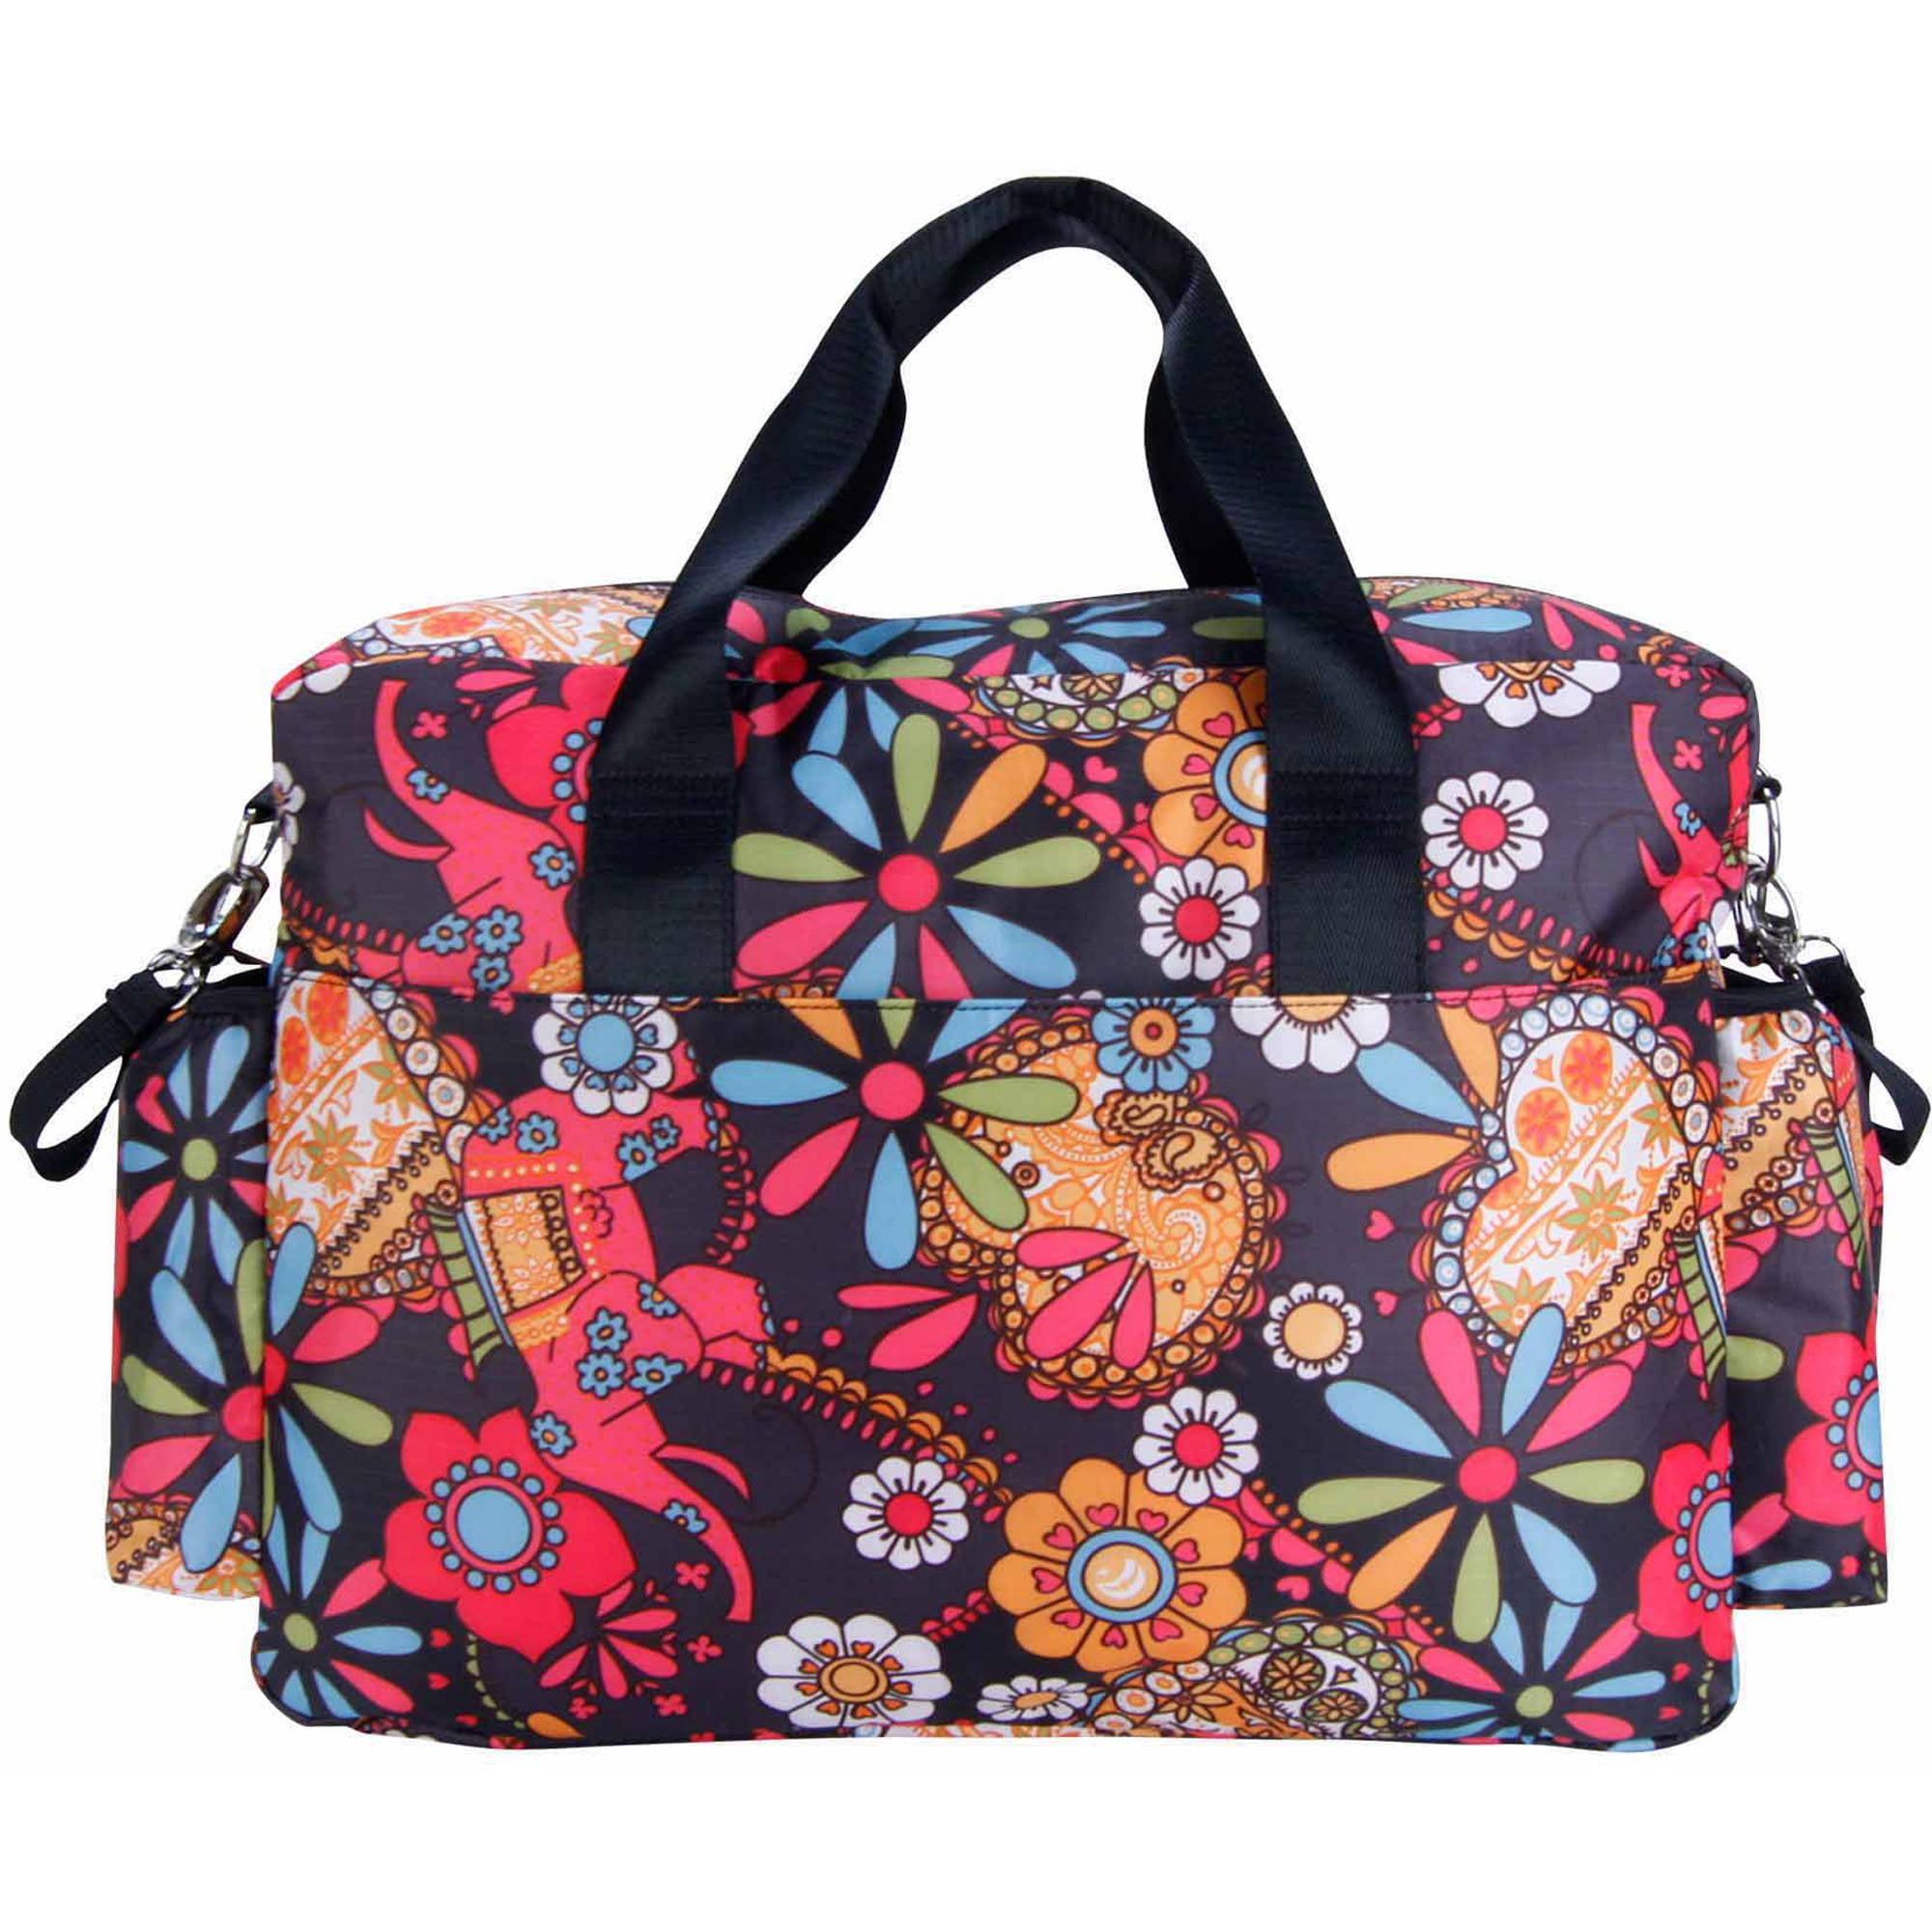 Pañalera Tendencia Lab Deluxe Duffle bolsa de pañales + Trend Lab en Veo y Compro